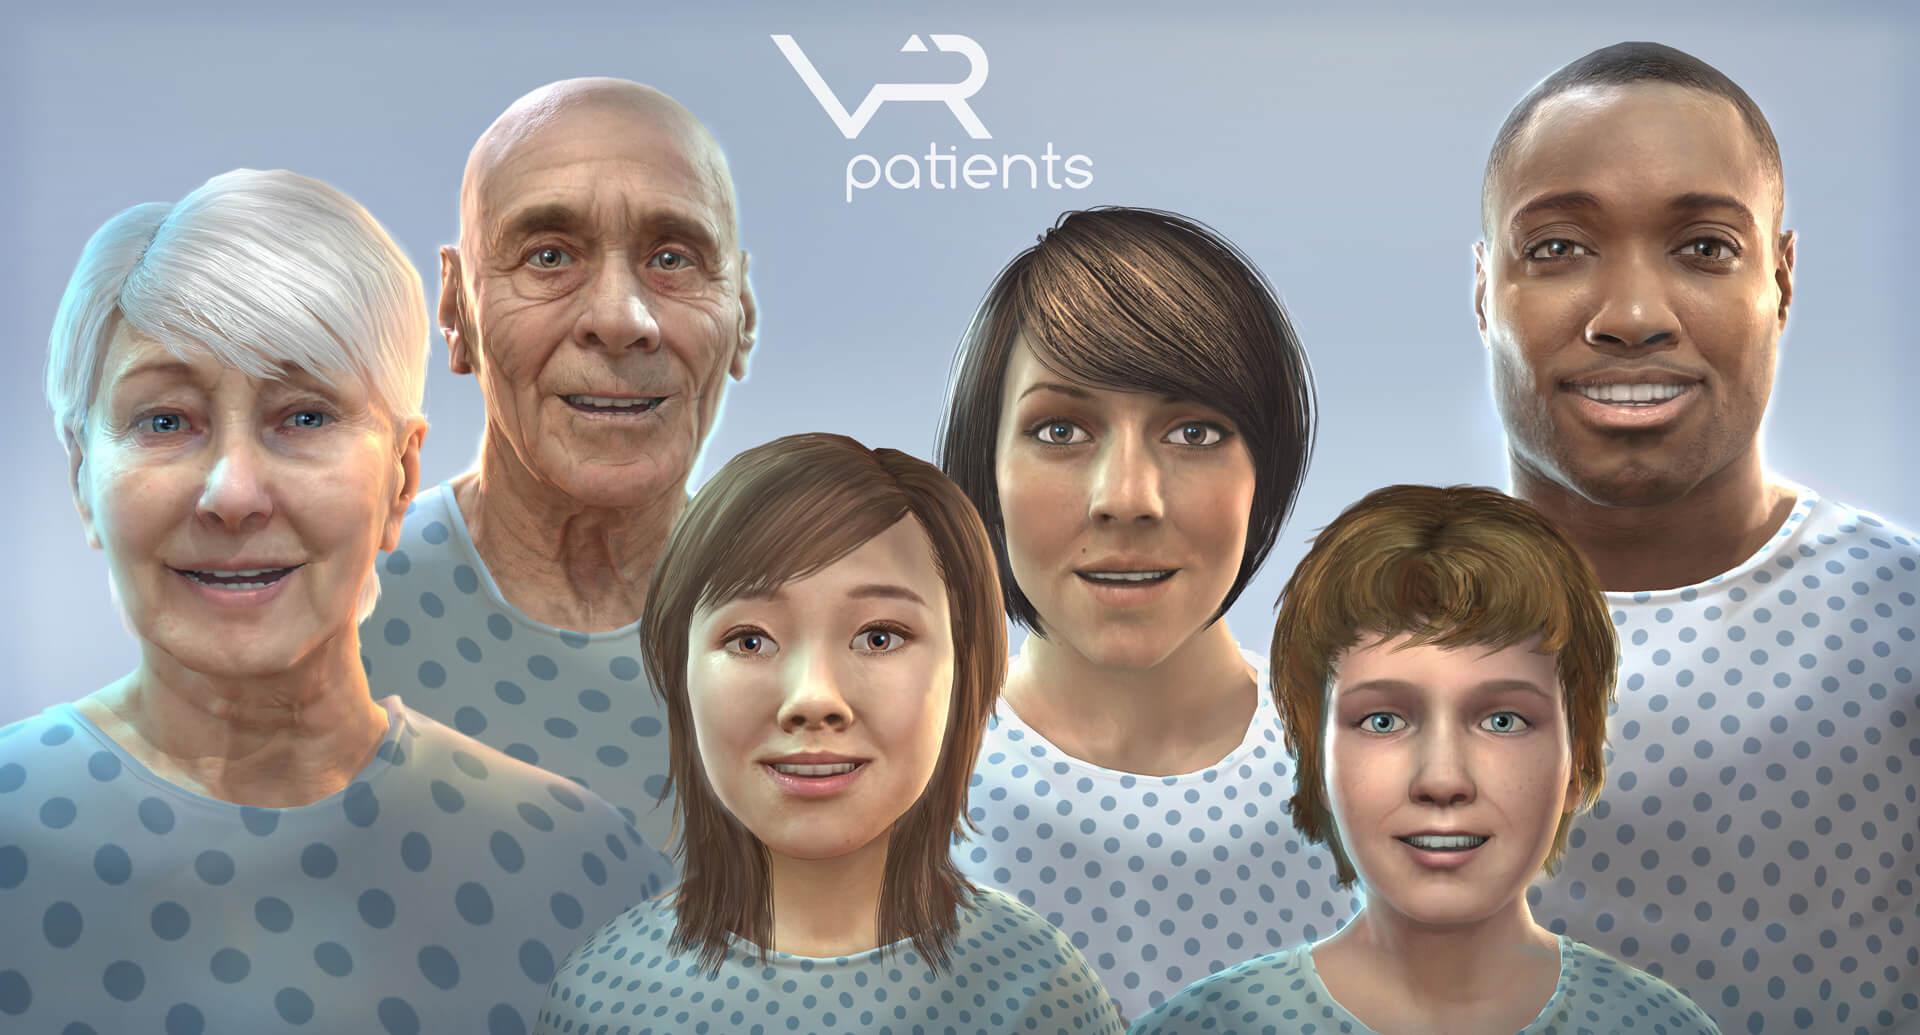 VR Patients